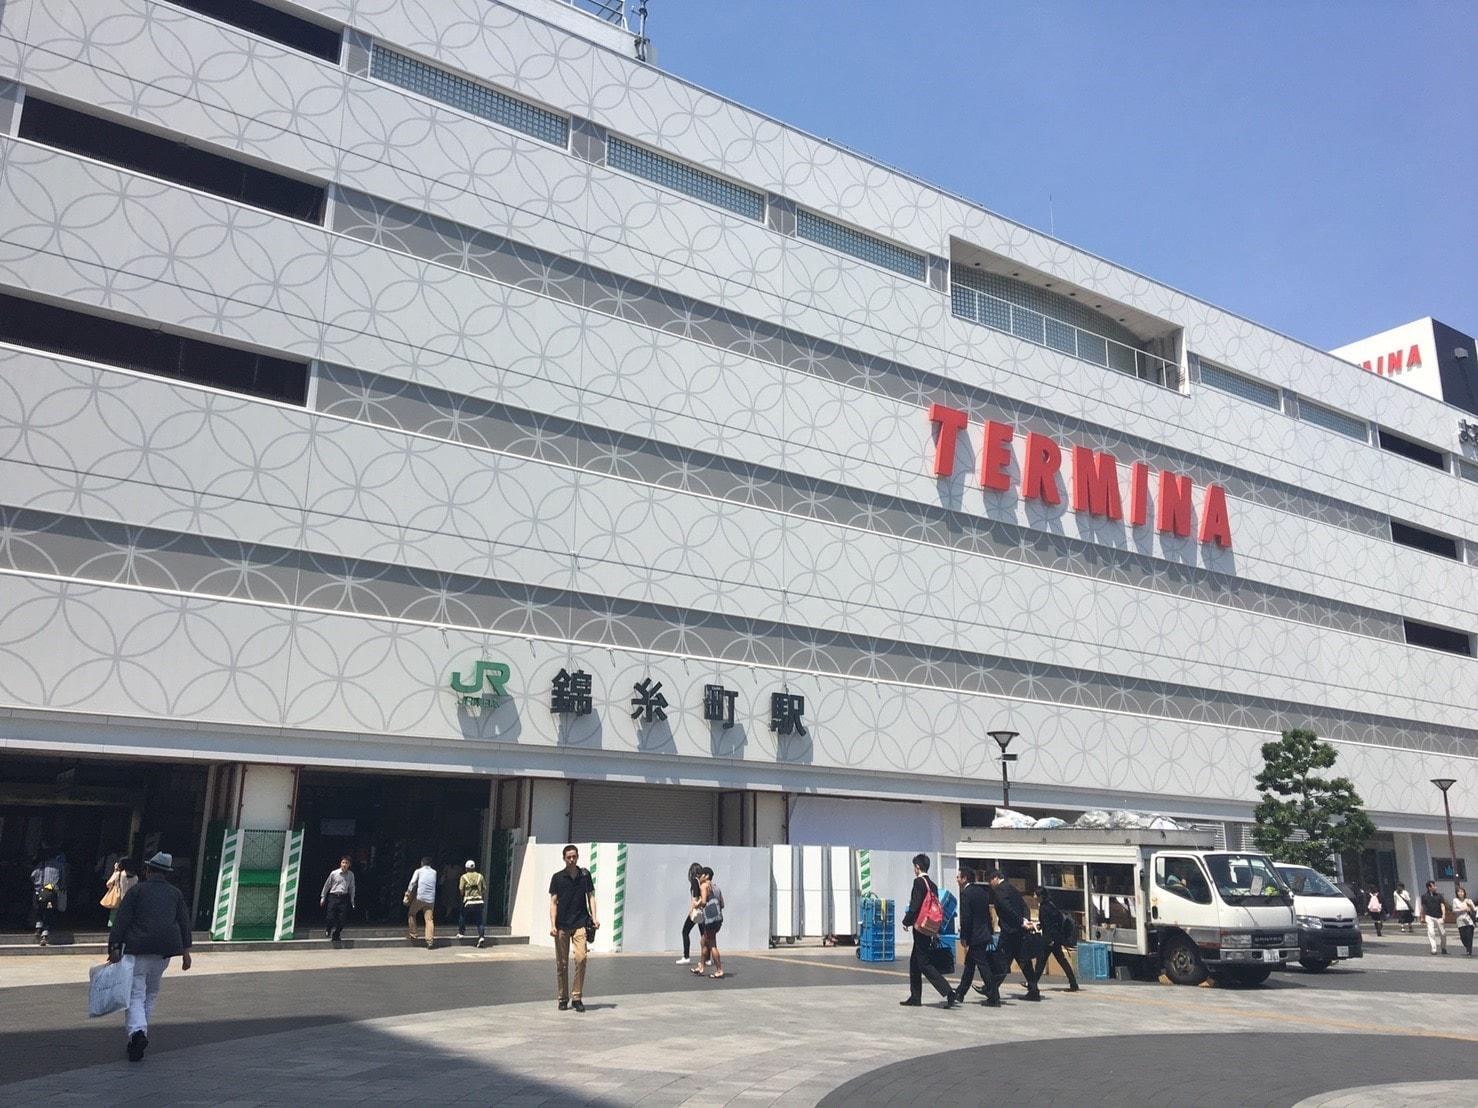 【公式】レンタルバイクのベストBike® [東京都]錦糸町駅前 - セルフ